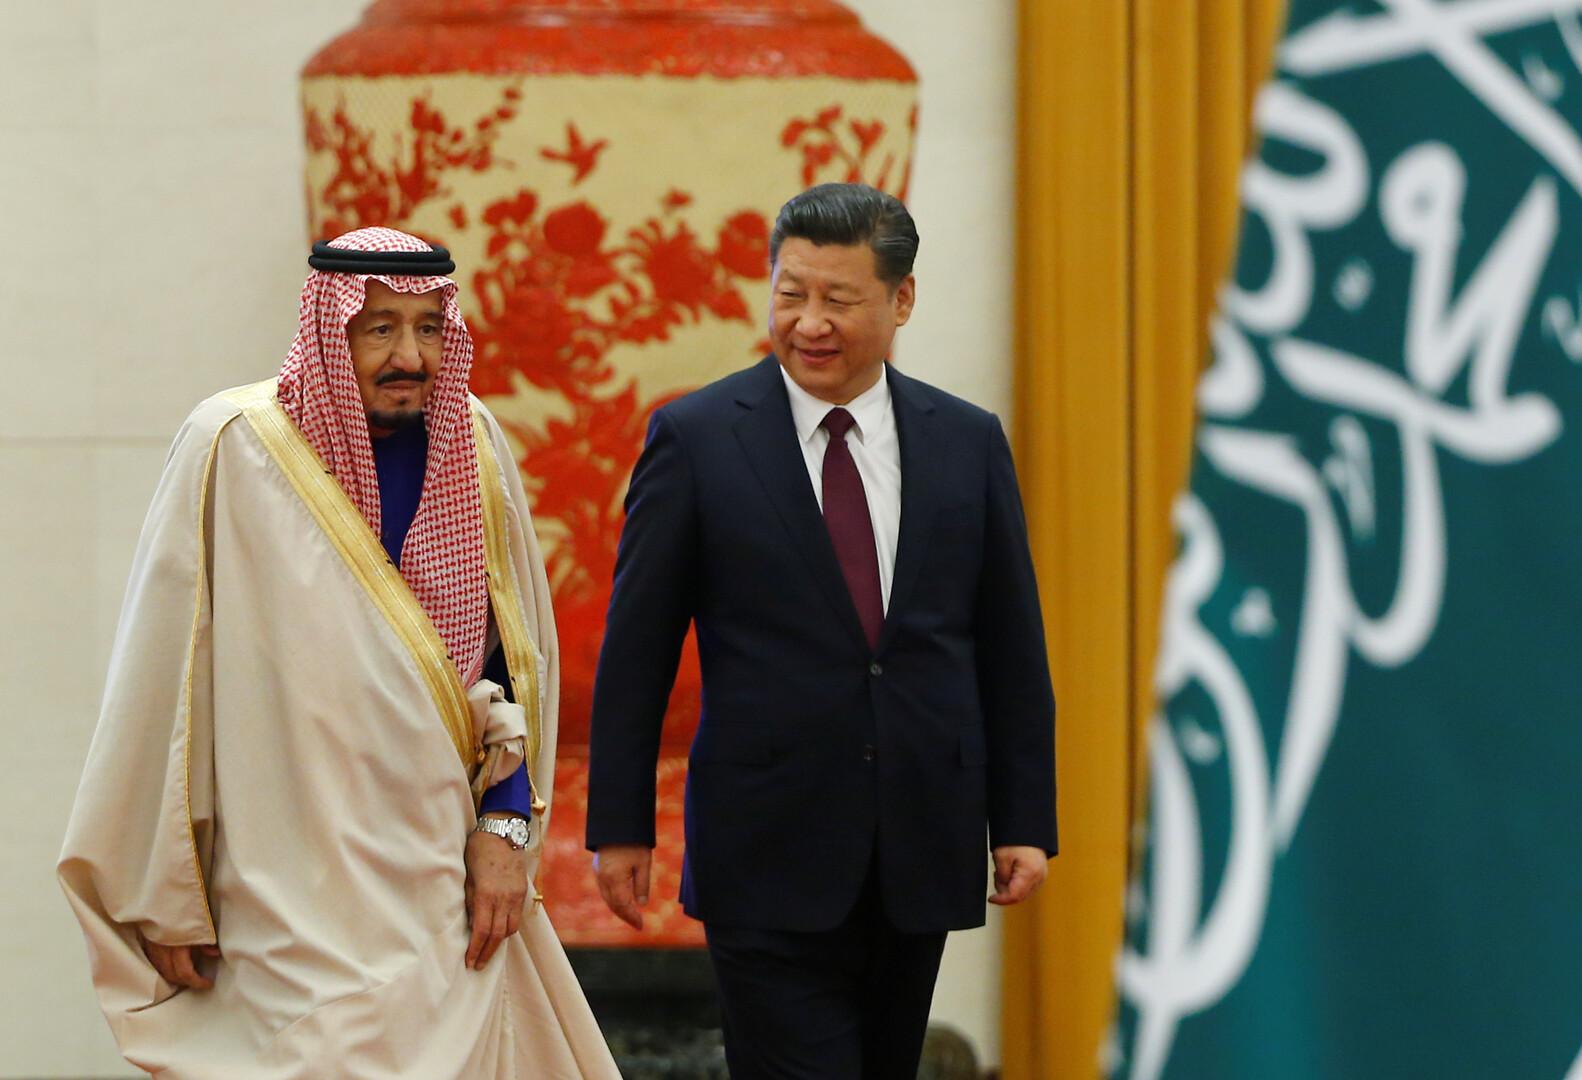 الرئيس الصيني يتصل بالعاهل السعودي عقب هجوم